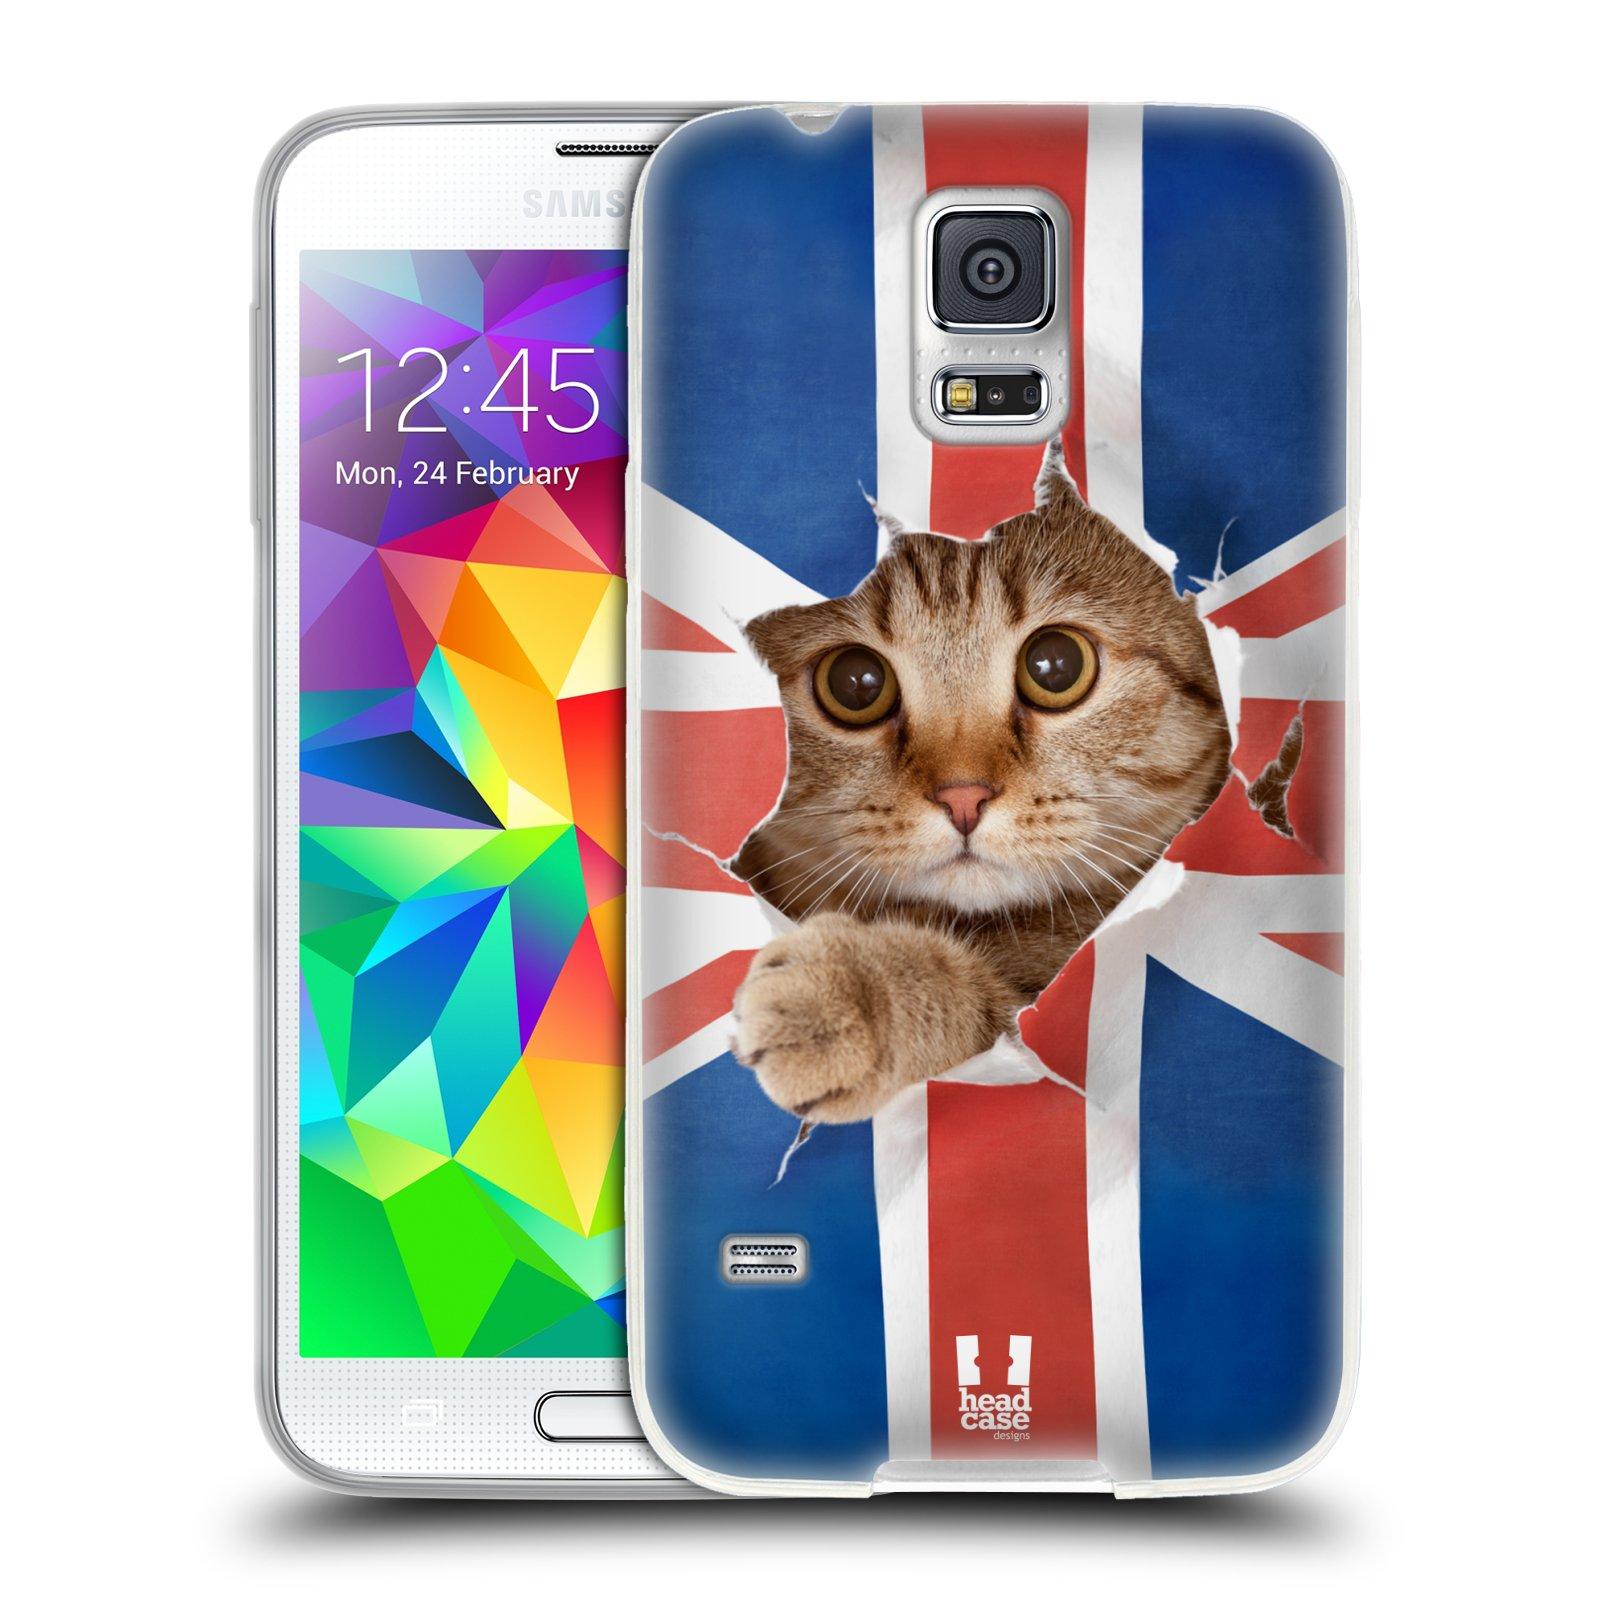 Silikonové pouzdro na mobil Samsung Galaxy S5 HEAD CASE KOČKA A VLAJKA (Silikonový kryt či obal na mobilní telefon Samsung Galaxy S5 SM-G900F)